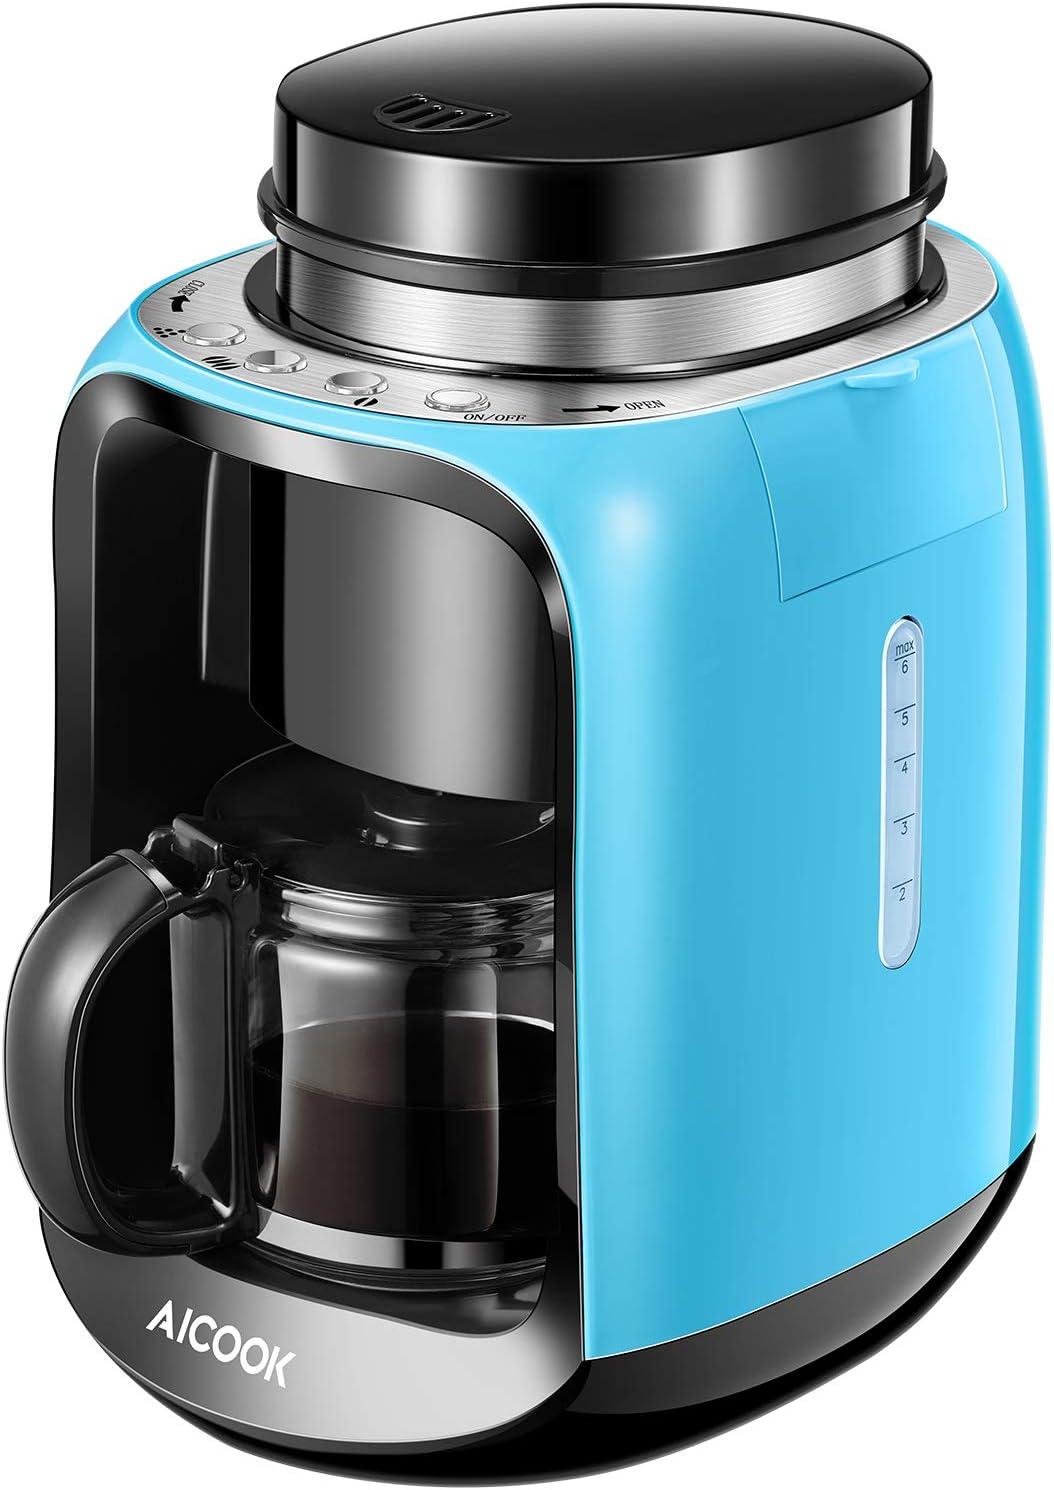 Cafetera con Molinillo, 2 en 1 Cafetera Automatica Molinillo Integrado, Aicook cafetera Goteo Función de Calentamiento Automático, (600ml) 2-6 Tazas Cafetera de Filtro con Jarra de Vidrio, 600W, Auzl (Azul): Amazon.es: Hogar